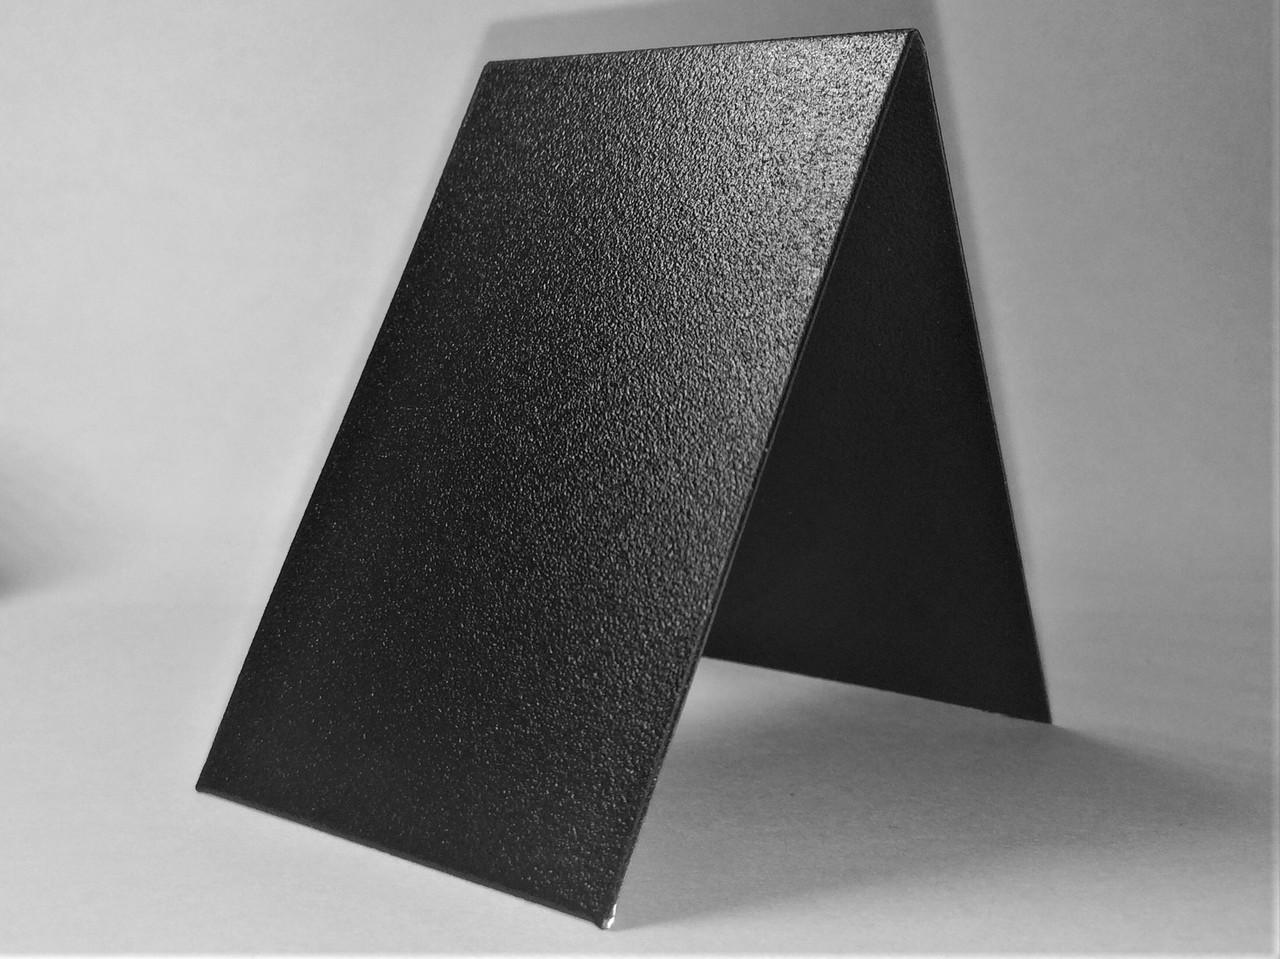 Меловой  ценник 20х10 см V-образный двухсторонний вертикальный (для надписей мелом и маркером) грифельный